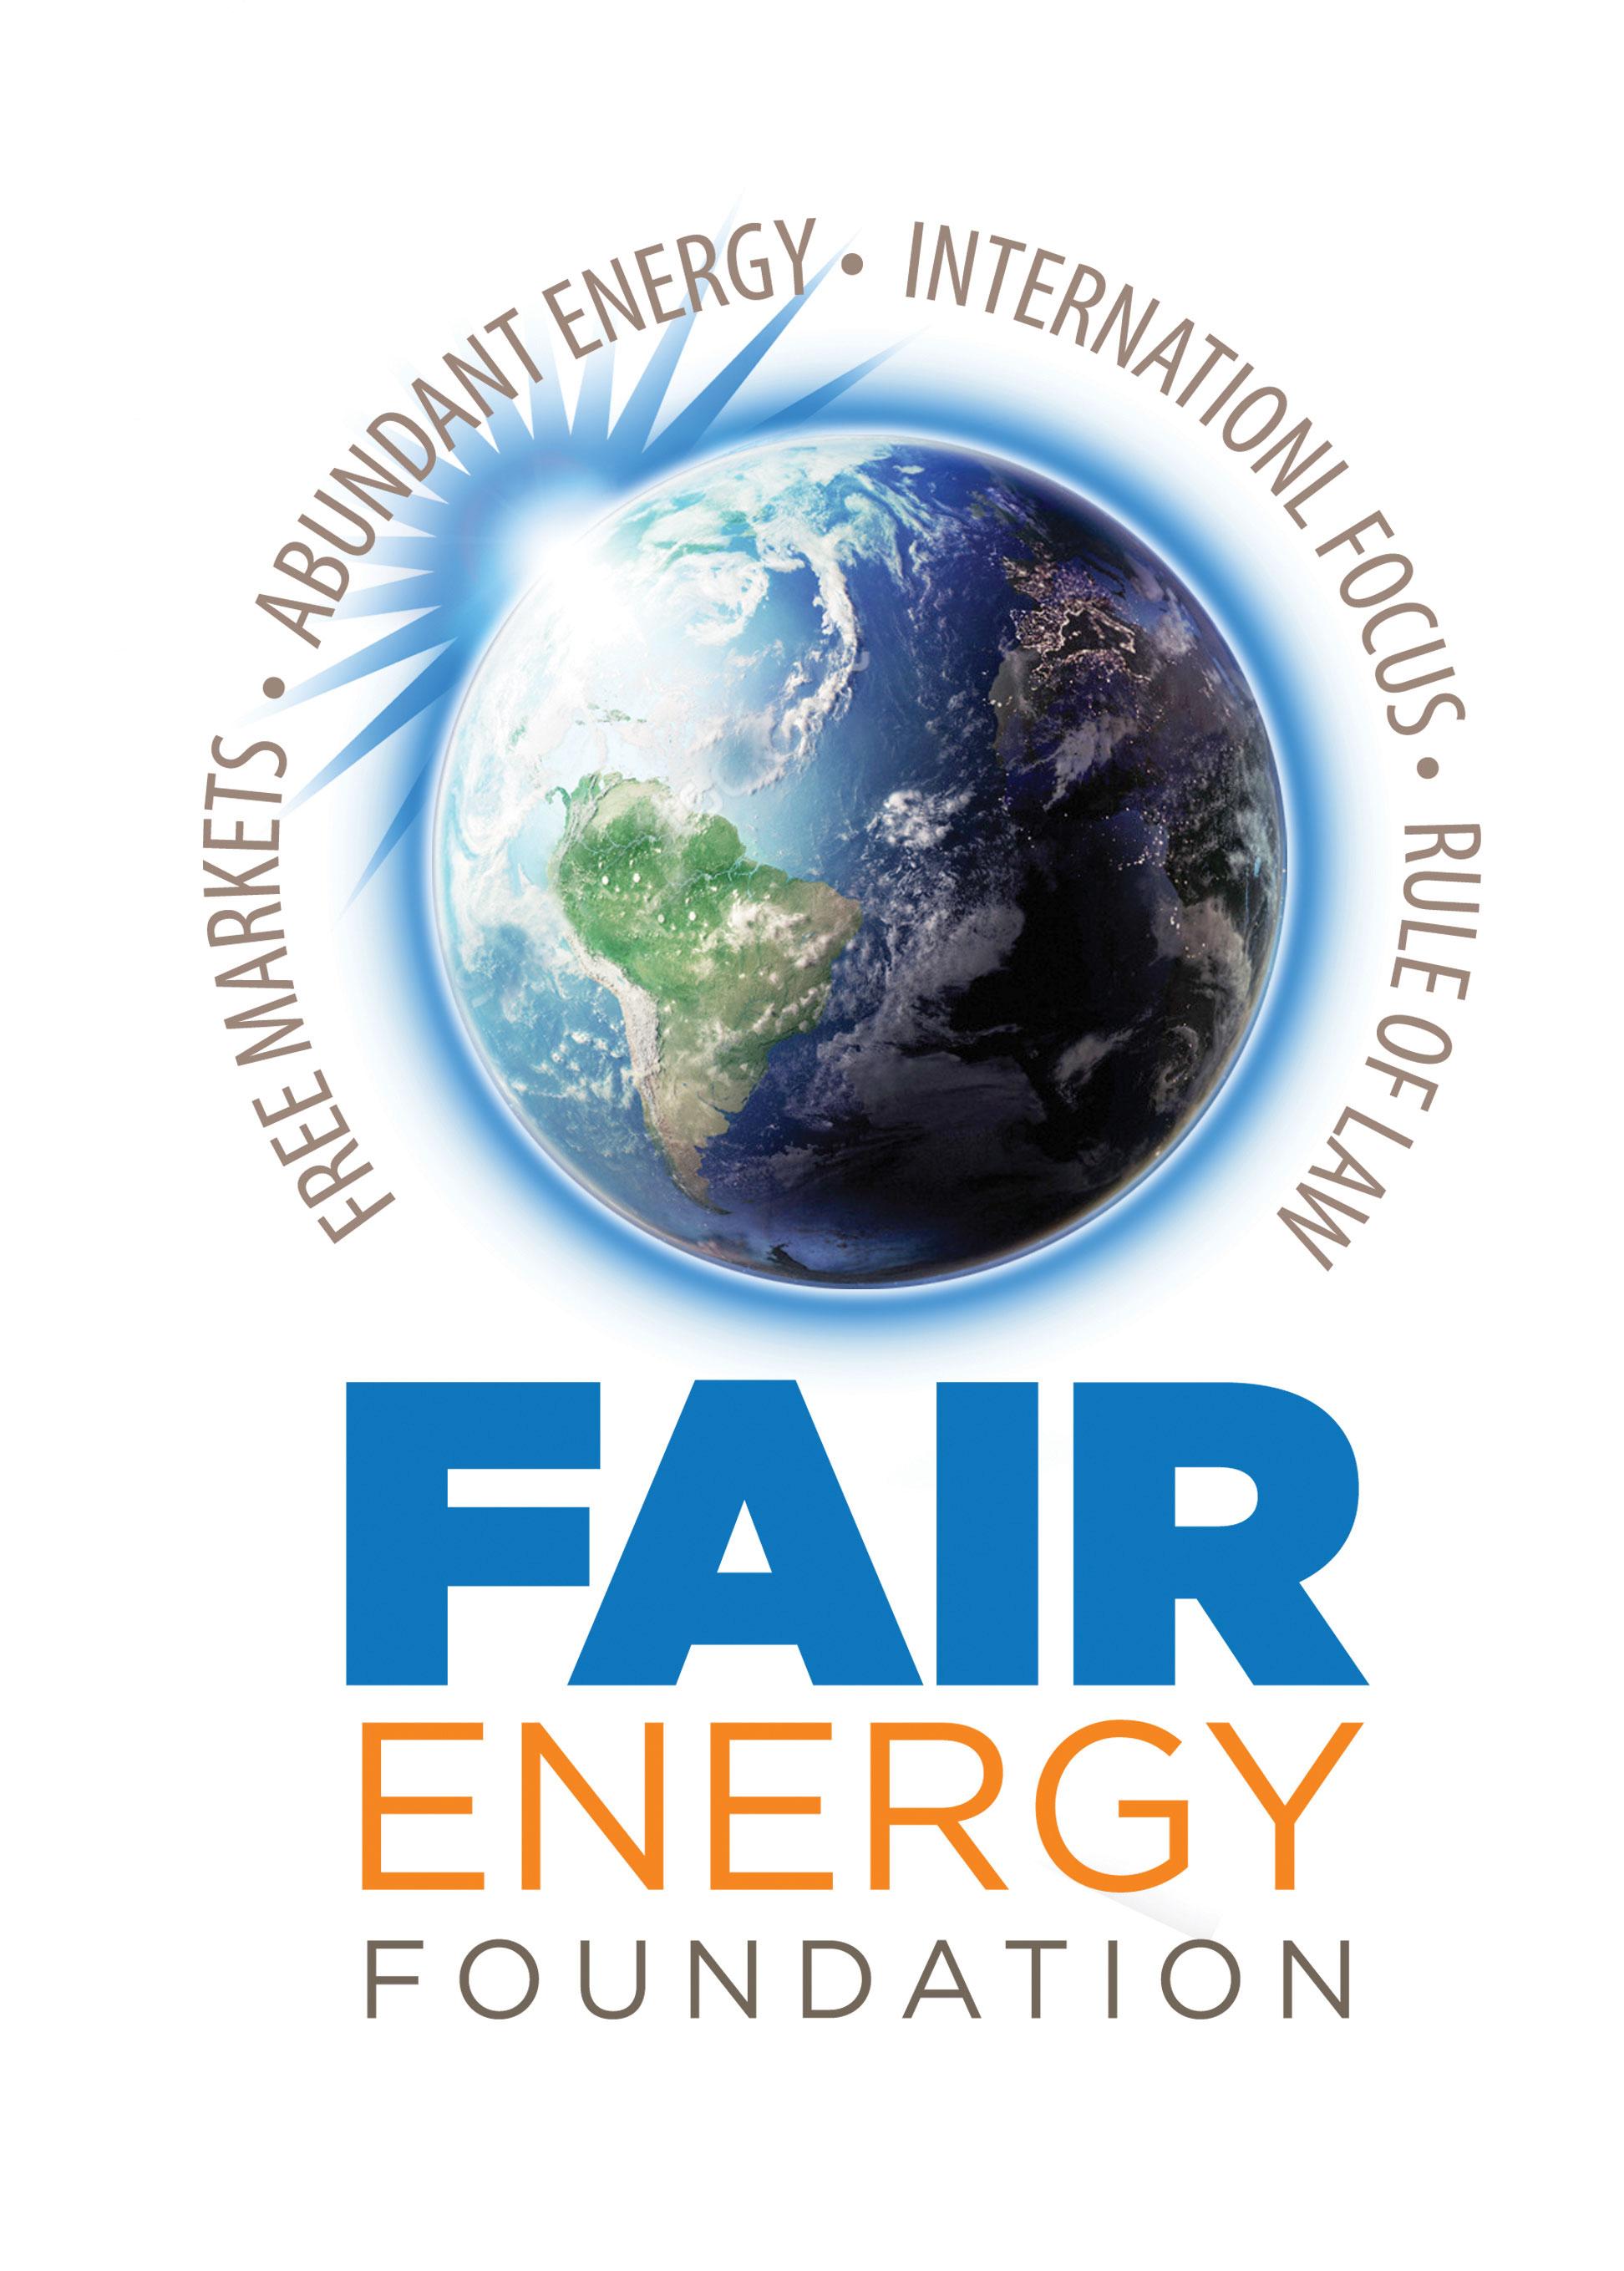 Fair Energy Foundation